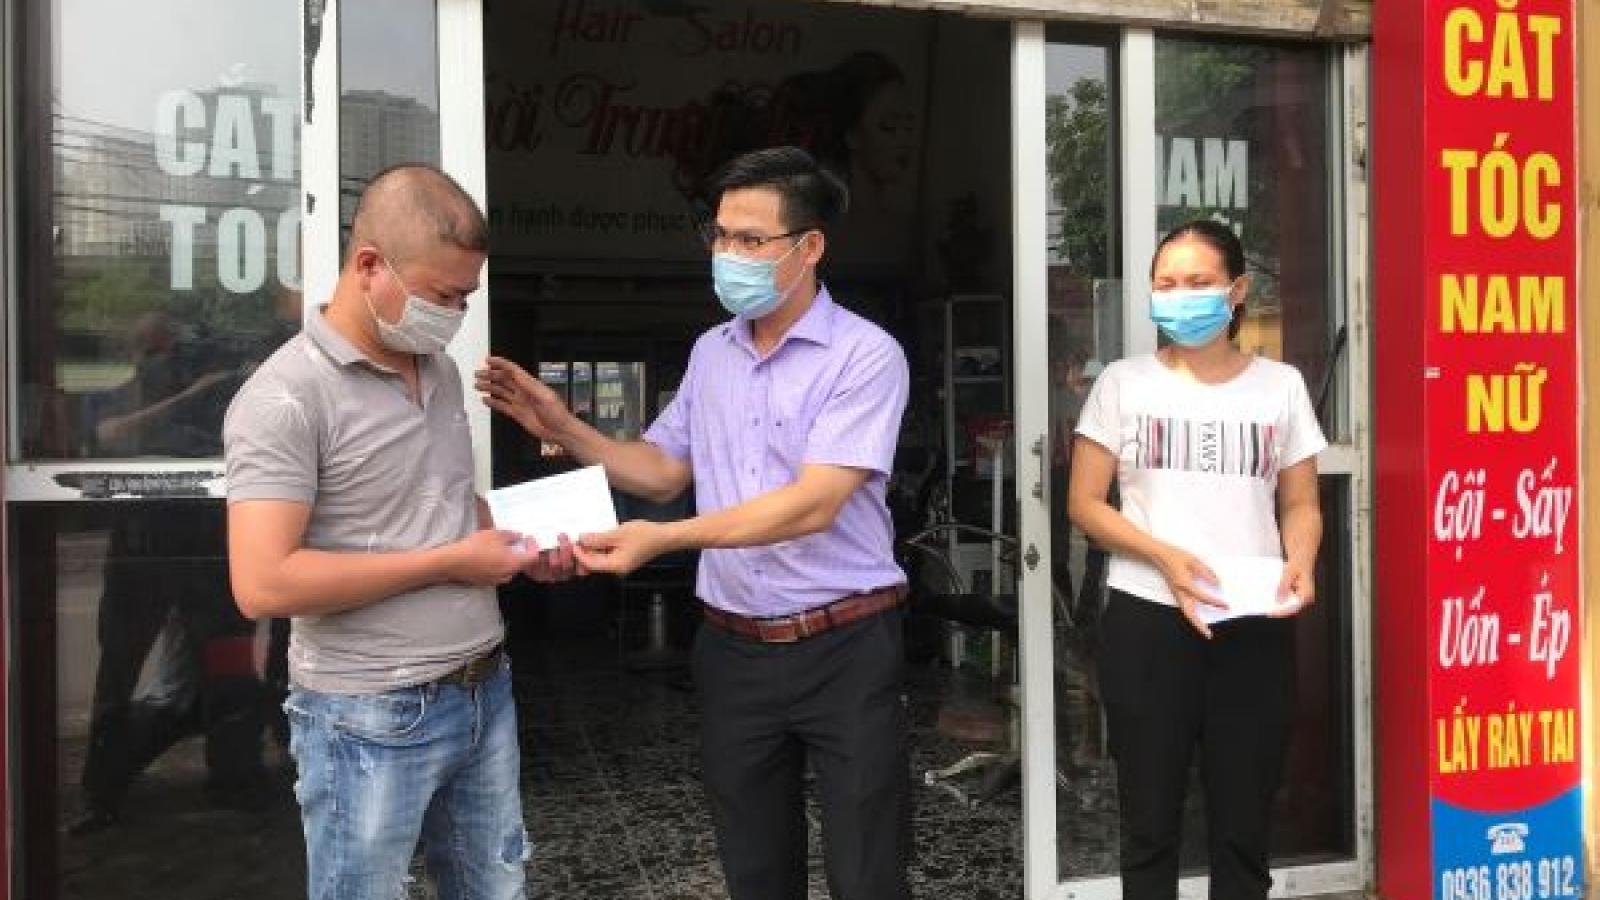 Lao động tự do ở Hà Nội nhận tiền hỗ trợ khó khăn do dịch Covid-19